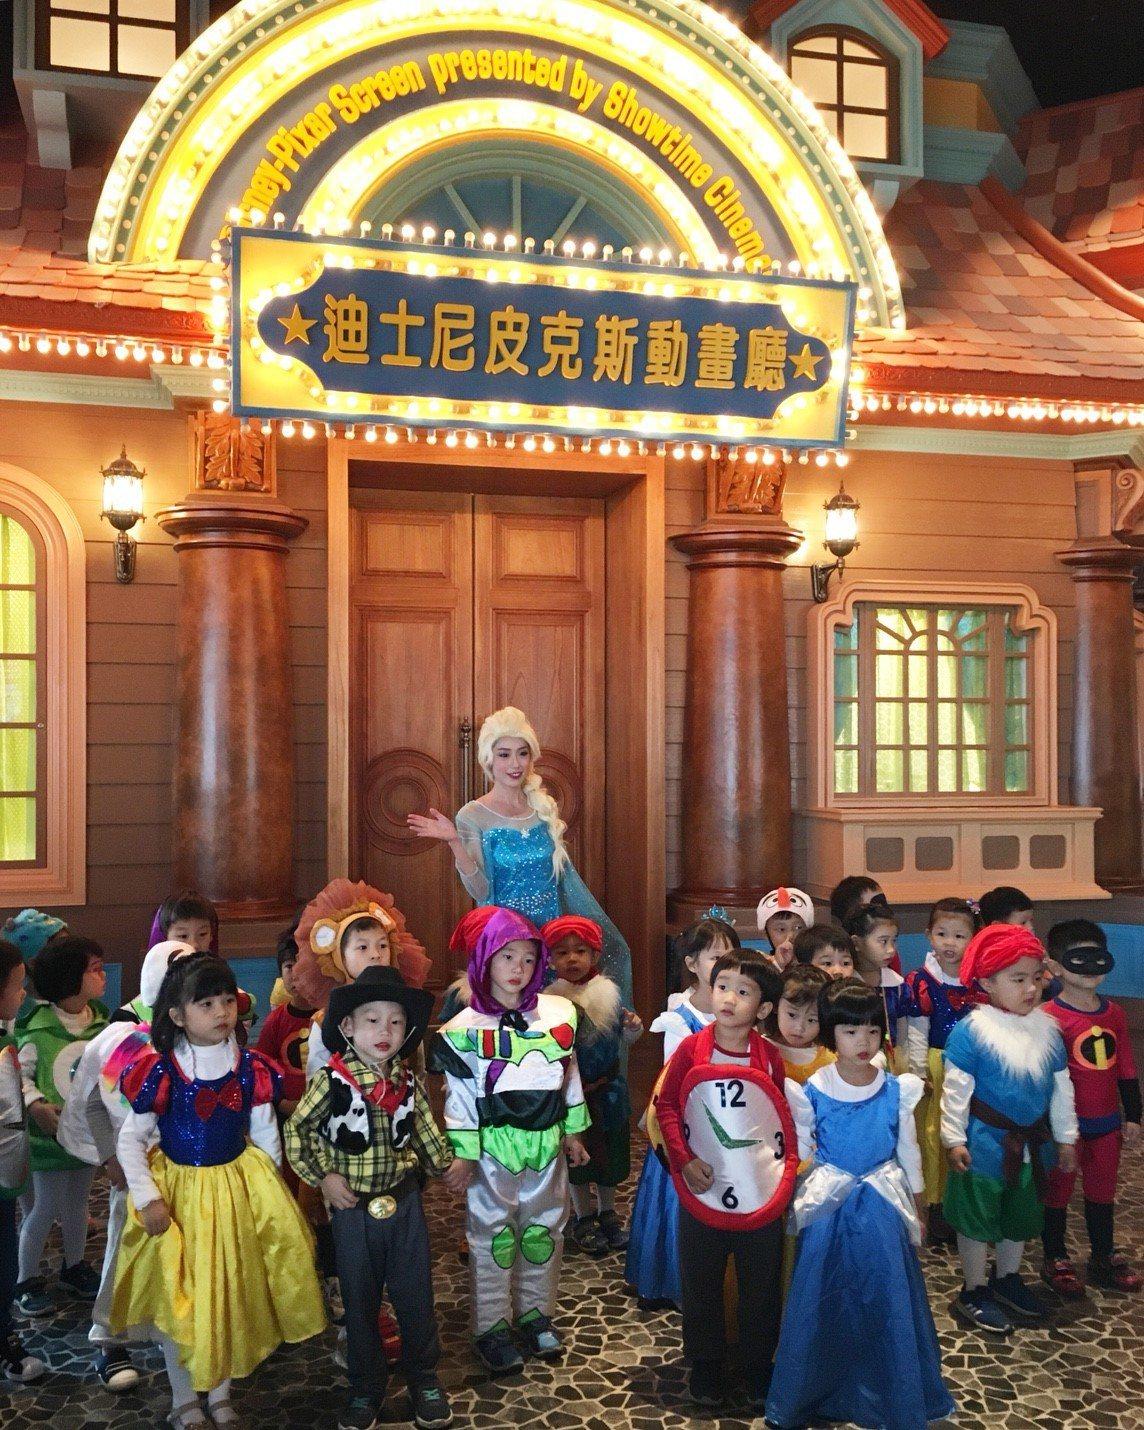 秀泰「迪士尼皮克斯動畫廳」不但處處都是迪士尼造景,在夢幻氣氛下欣賞電影,更是從未...